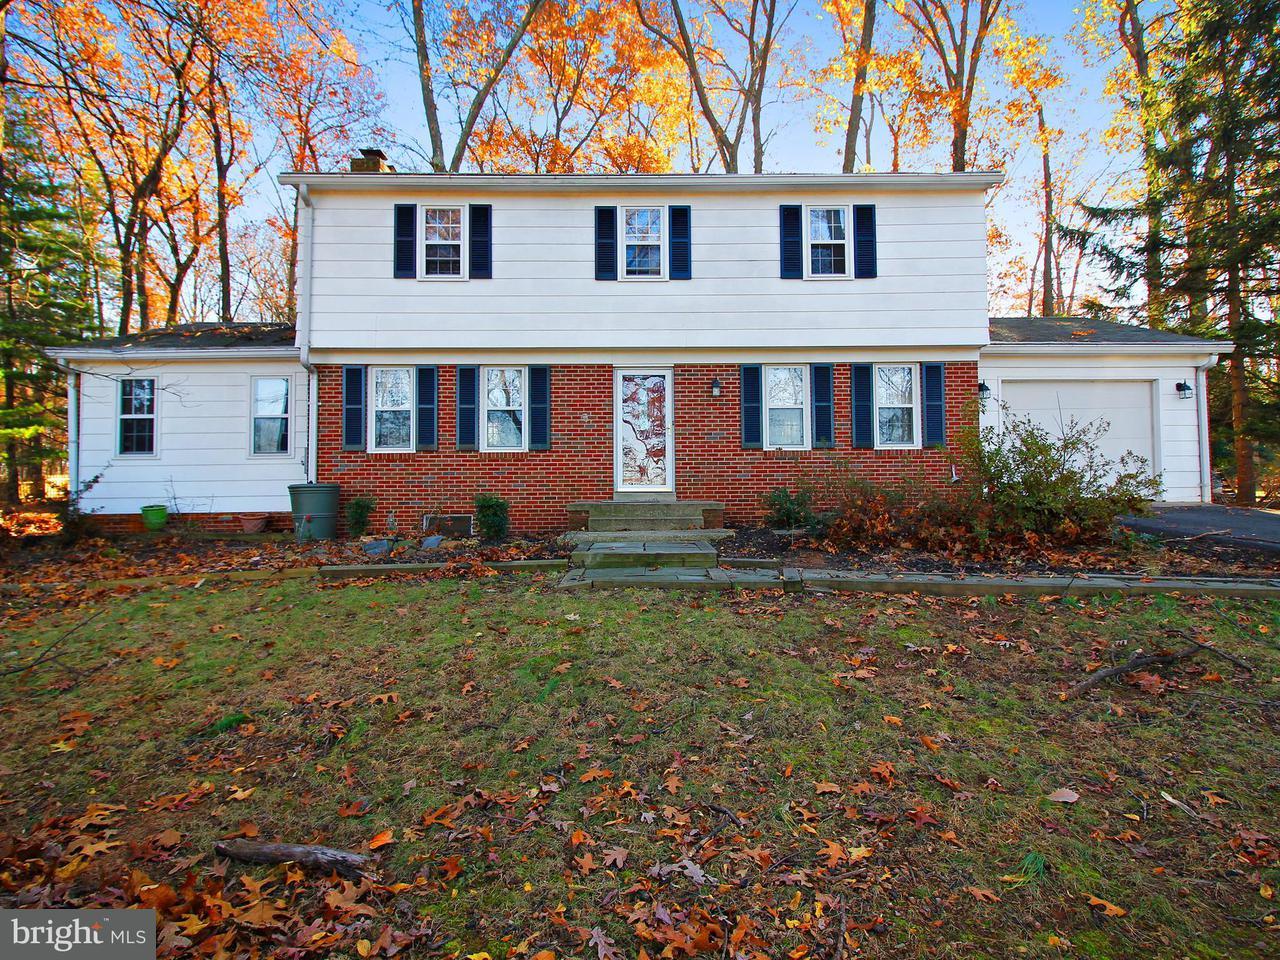 Μονοκατοικία για την Πώληση στο 18909 MUNCASTER Road 18909 MUNCASTER Road Derwood, Μεριλαντ 20855 Ηνωμενεσ Πολιτειεσ